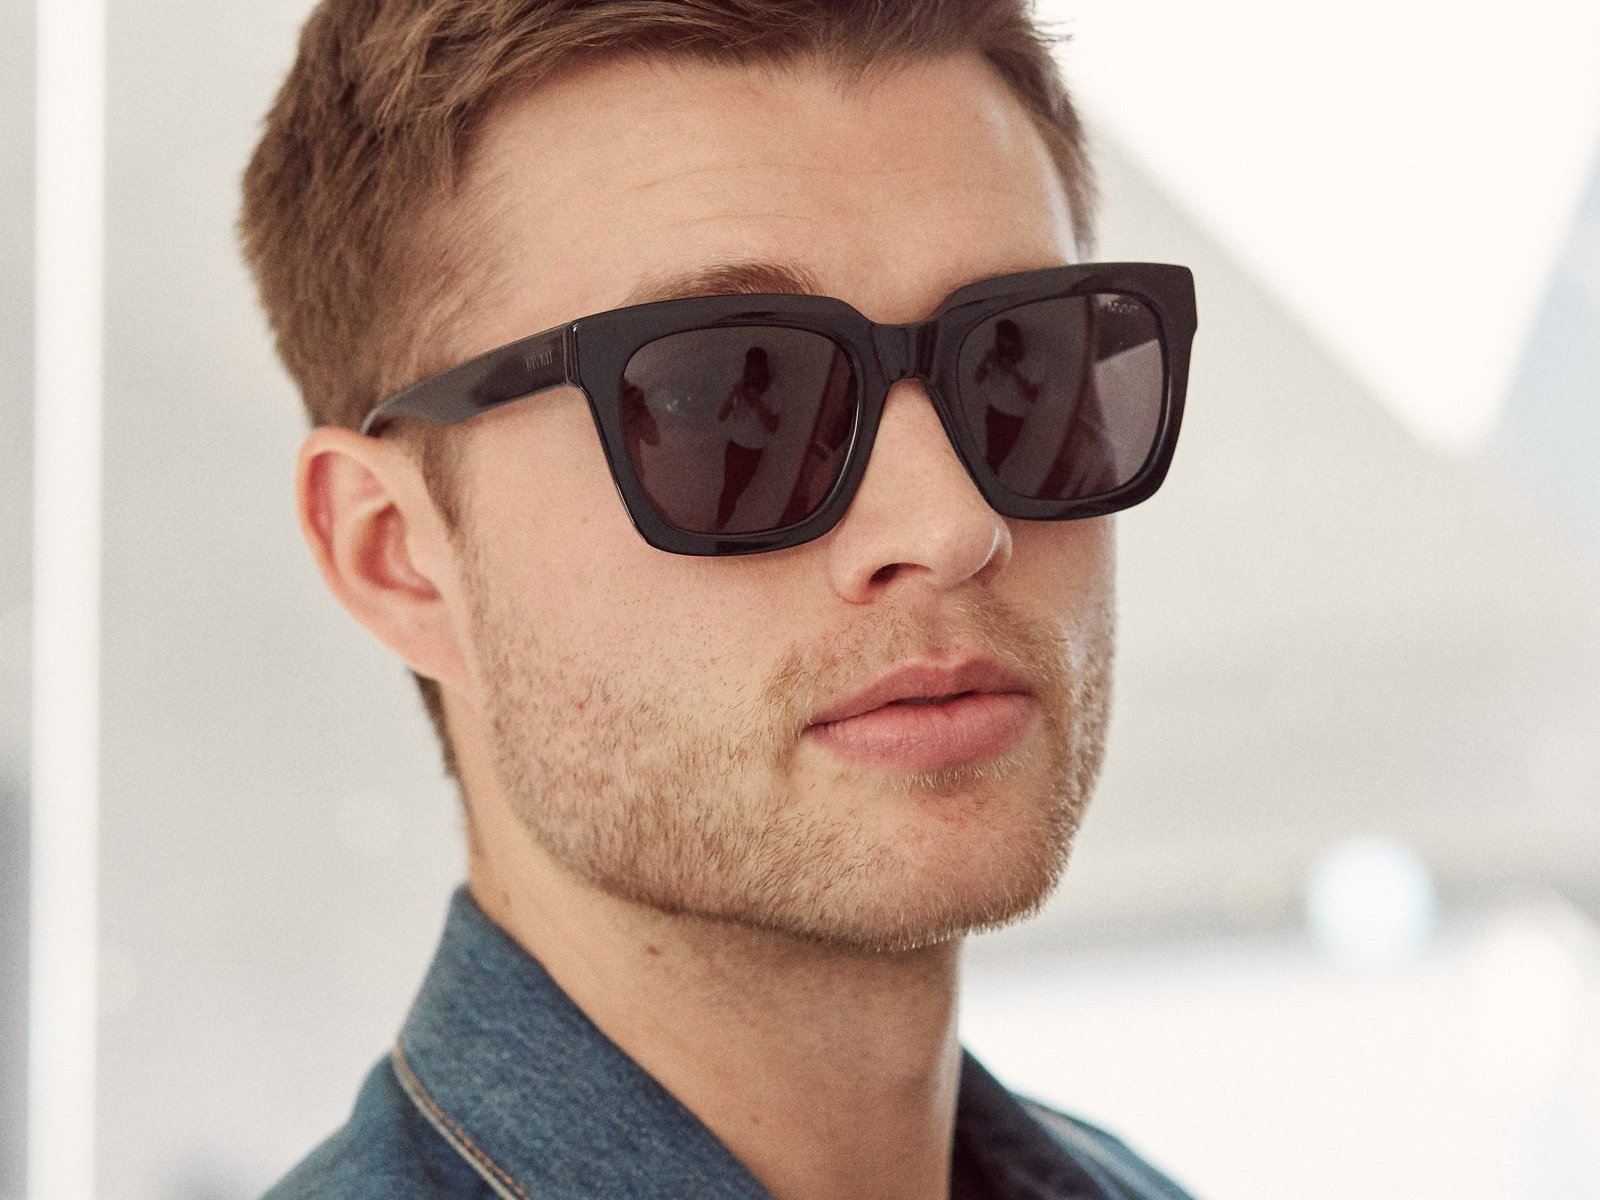 انتخاب عینک آفتابی، مد یا محافظت